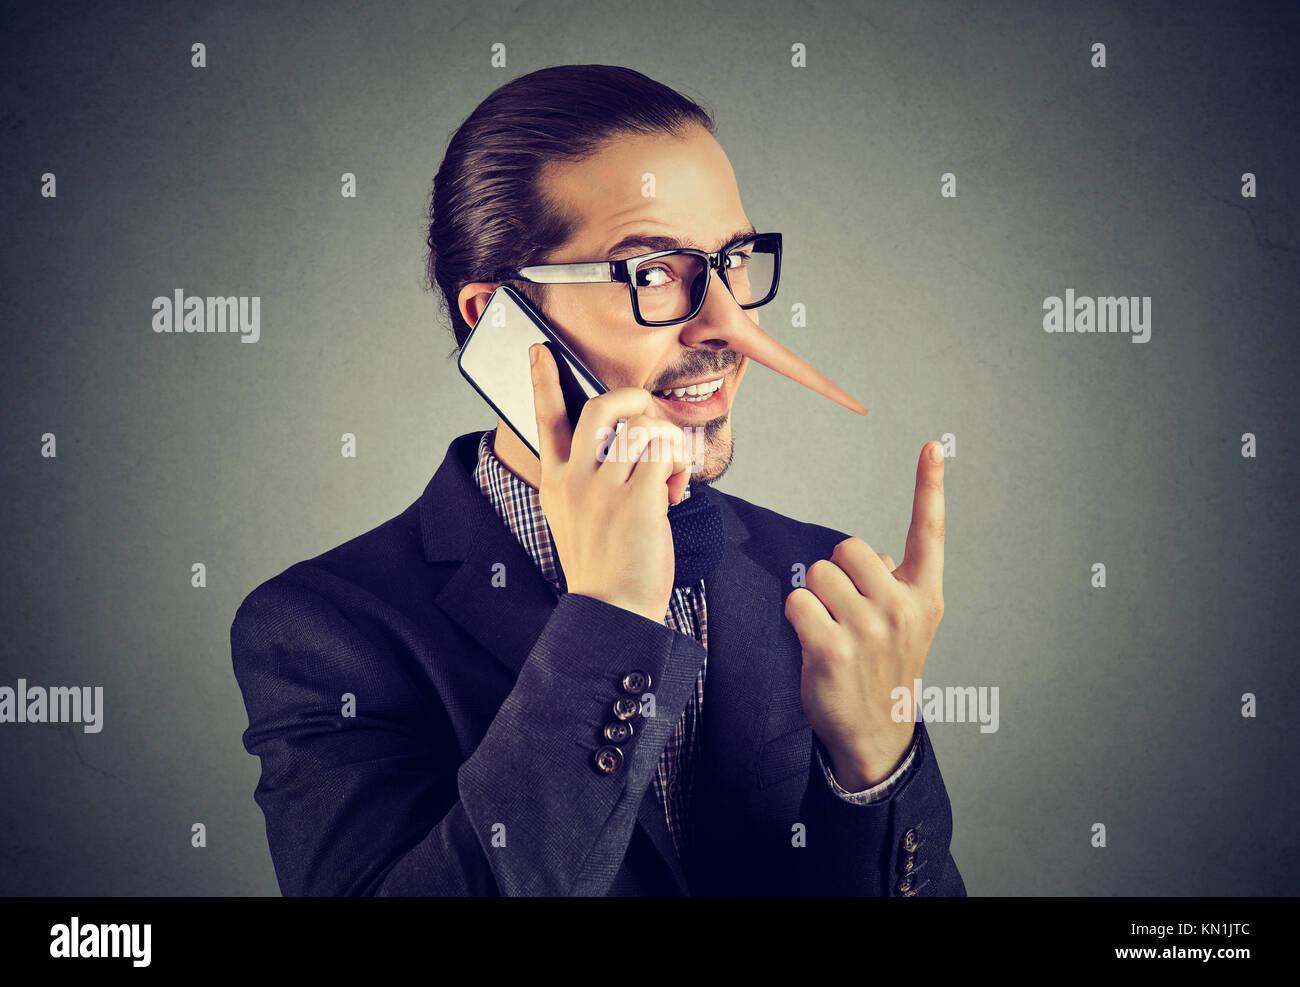 Mentiroso astuto hombre de negocios con nariz larga hablando por teléfono móvil aislado sobre la pared Imagen De Stock